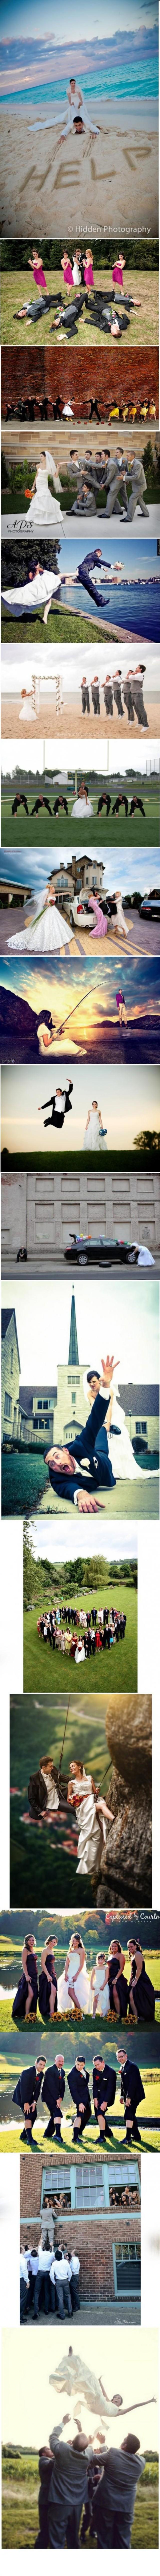 Foto photos de mariage originales 2493702 weddbook - Photos mariage originales ...